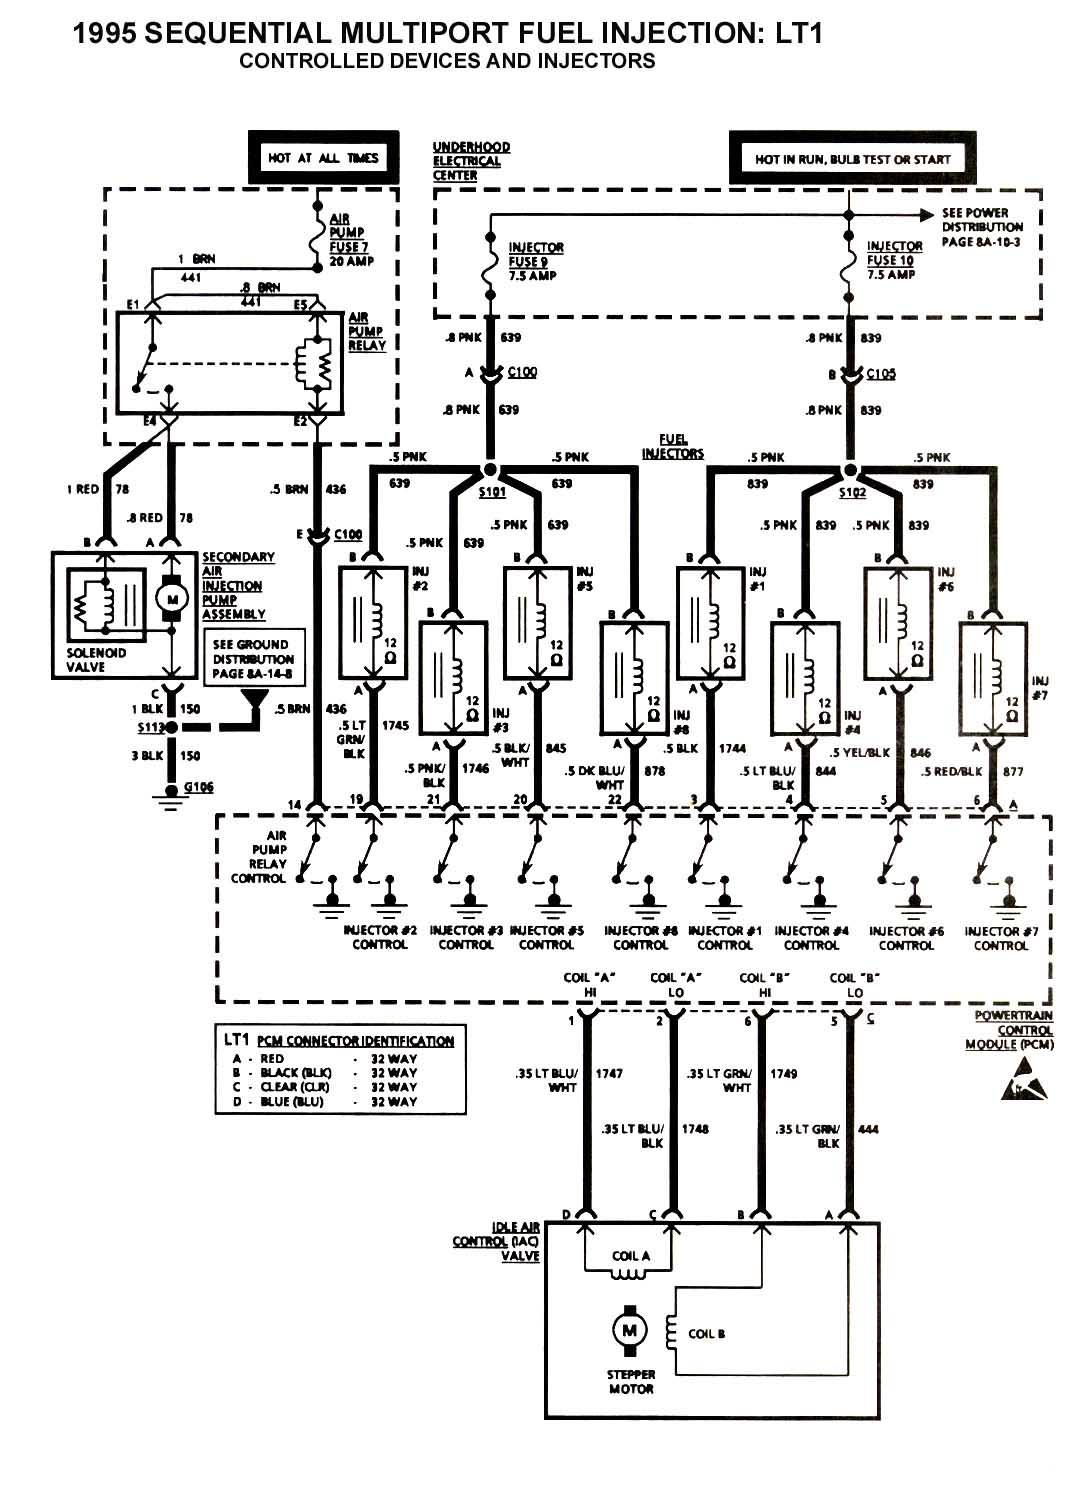 Wiring Diagram For 96 Camaro